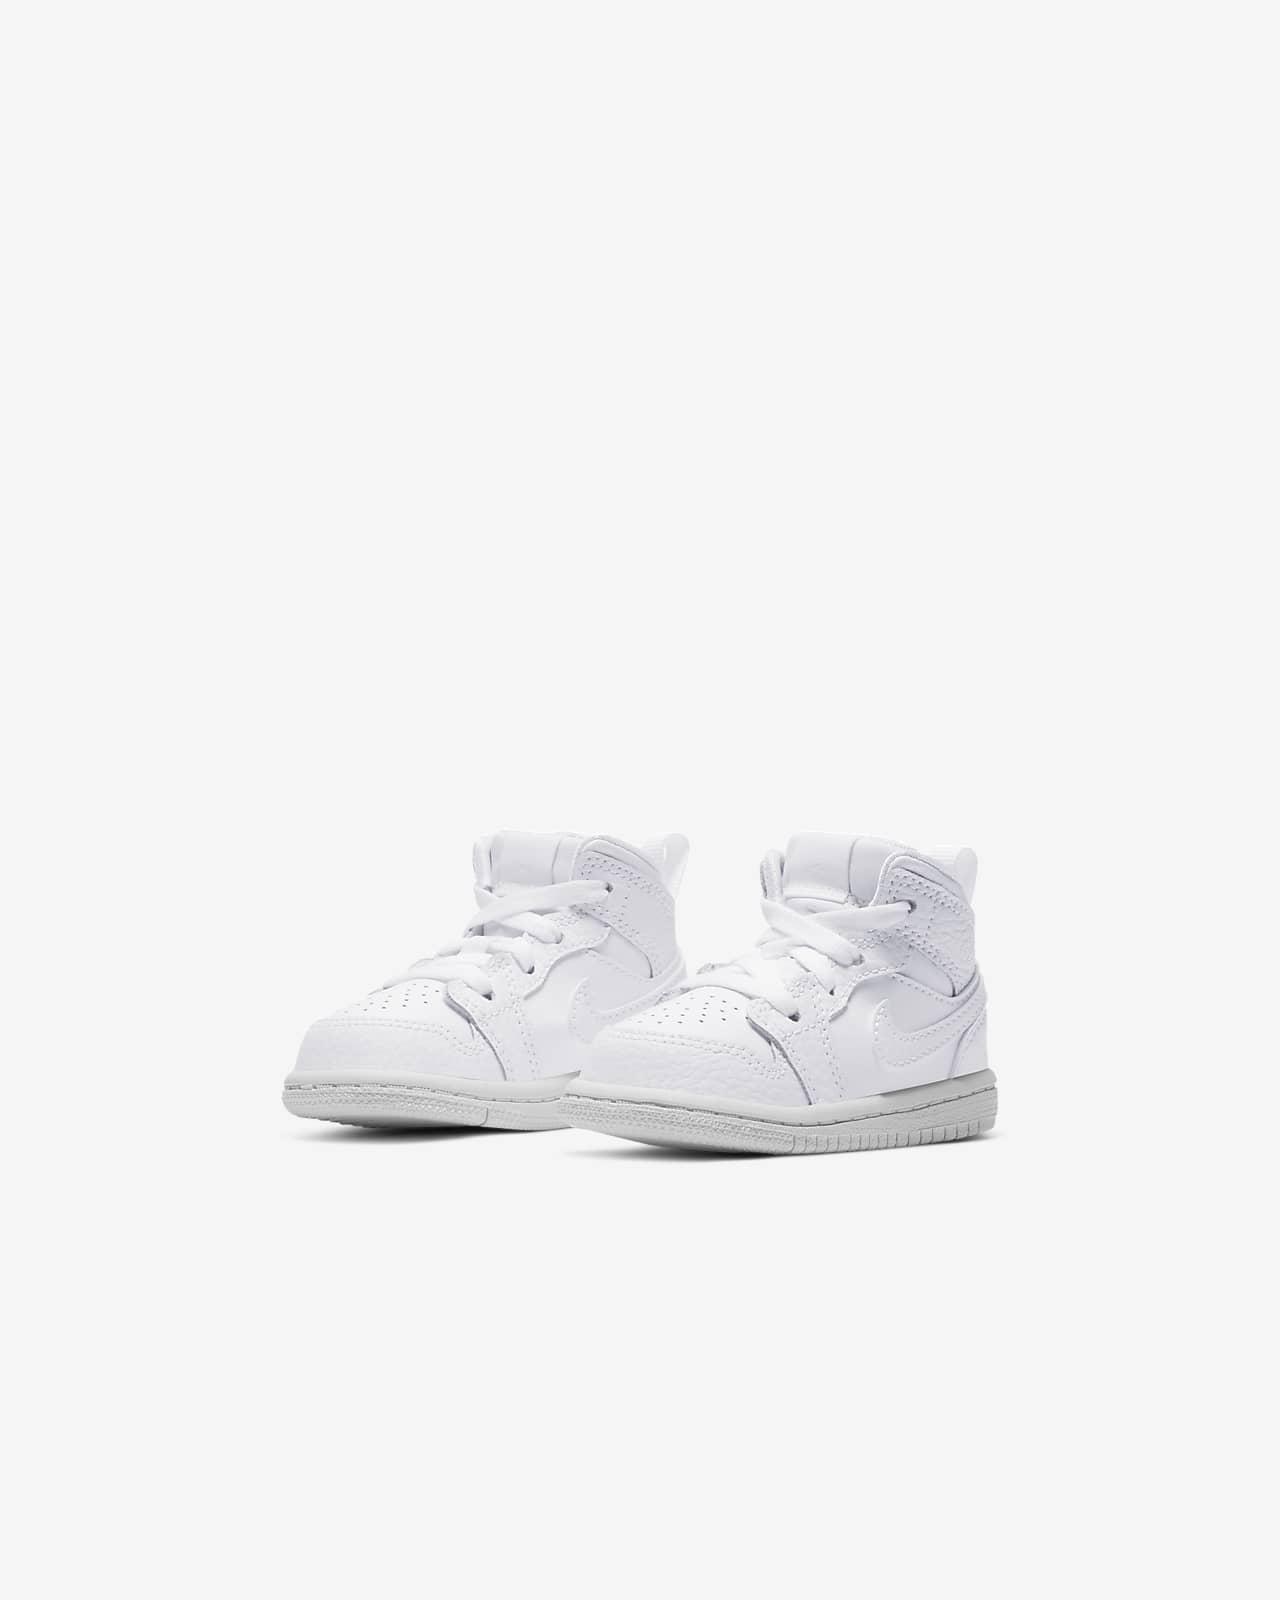 Jordan 1 Mid Baby and Toddler Shoe. Nike LU